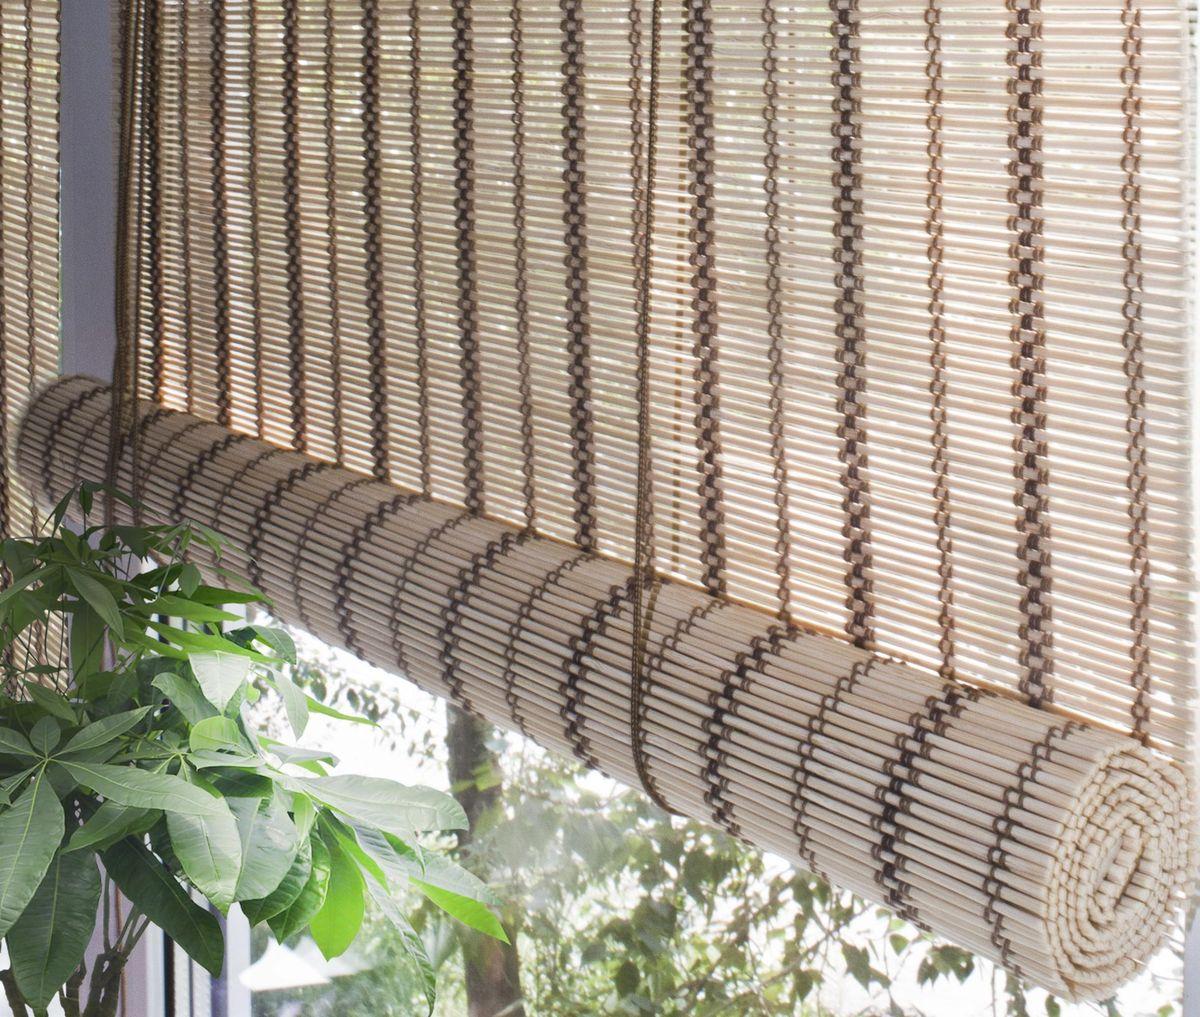 Штора рулонная Эскар Бамбук, цвет: песочный, ширина 160 см, высота 160 см1004900000360При оформлении интерьера современных помещений многие отдают предпочтение природным материалам. Бамбуковые рулонные шторы - одно из натуральных изделий, способное сделать атмосферу помещения более уютной и в то же время необычной. Свойства бамбука уникальны: он экологически чист, так как быстро вырастает, благодаря чему не успевает накопить вредные вещества из окружающей среды. Кроме того, растение обладает противомикробным и антибактериальным действием. Занавеси из бамбука безопасно использовать в помещениях, где находятся новорожденные дети и люди, склонные к аллергии. Они незаменимы для тех, кто заботится о своем здоровье и уделяет внимание высокому уровню жизни.Бамбуковые рулонные шторы представляют собой полотно, состоящее из тонких бамбуковых стеблей и сворачиваемое в рулон.Римские бамбуковые шторы, как и тканевые римские шторы, при поднятии образуют крупные складки, которые прекрасно декорируют окно.Особенность устройства полотна позволяет свободно пропускать дневной свет, что обеспечивает мягкое освещение комнаты. Это натуральный влагостойкий материал, который легко вписывается в любой интерьер, хорошо сочетается с различной мебелью и элементами отделки. Использование бамбукового полотна придает помещению необычный вид и визуально расширяет пространство.Помимо внешней красоты, это еще и очень удобные конструкции, экономящие пространство. Изготавливаются они из специальных материалов, устойчивых к внешним воздействиям. Сама штора очень эргономичная, и позволяет изменять визуально пространство в зависимости от потребностей владельца.